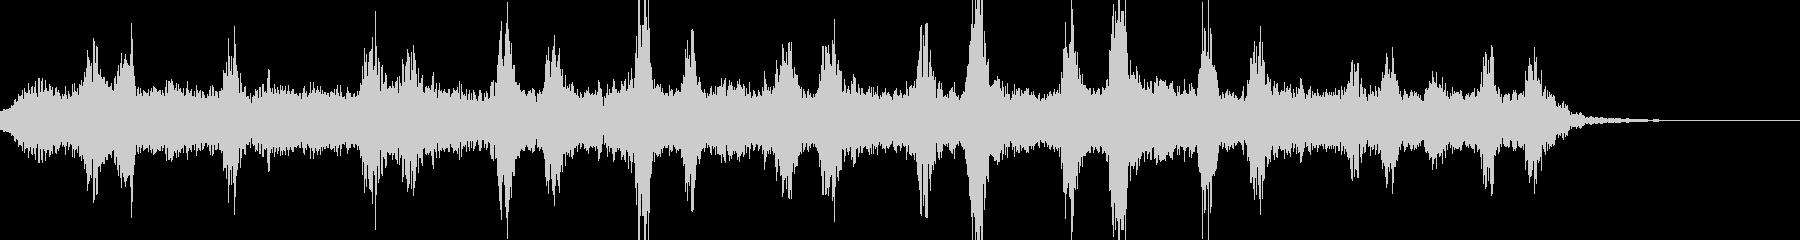 宇宙の映像のBGMに適した曲の未再生の波形